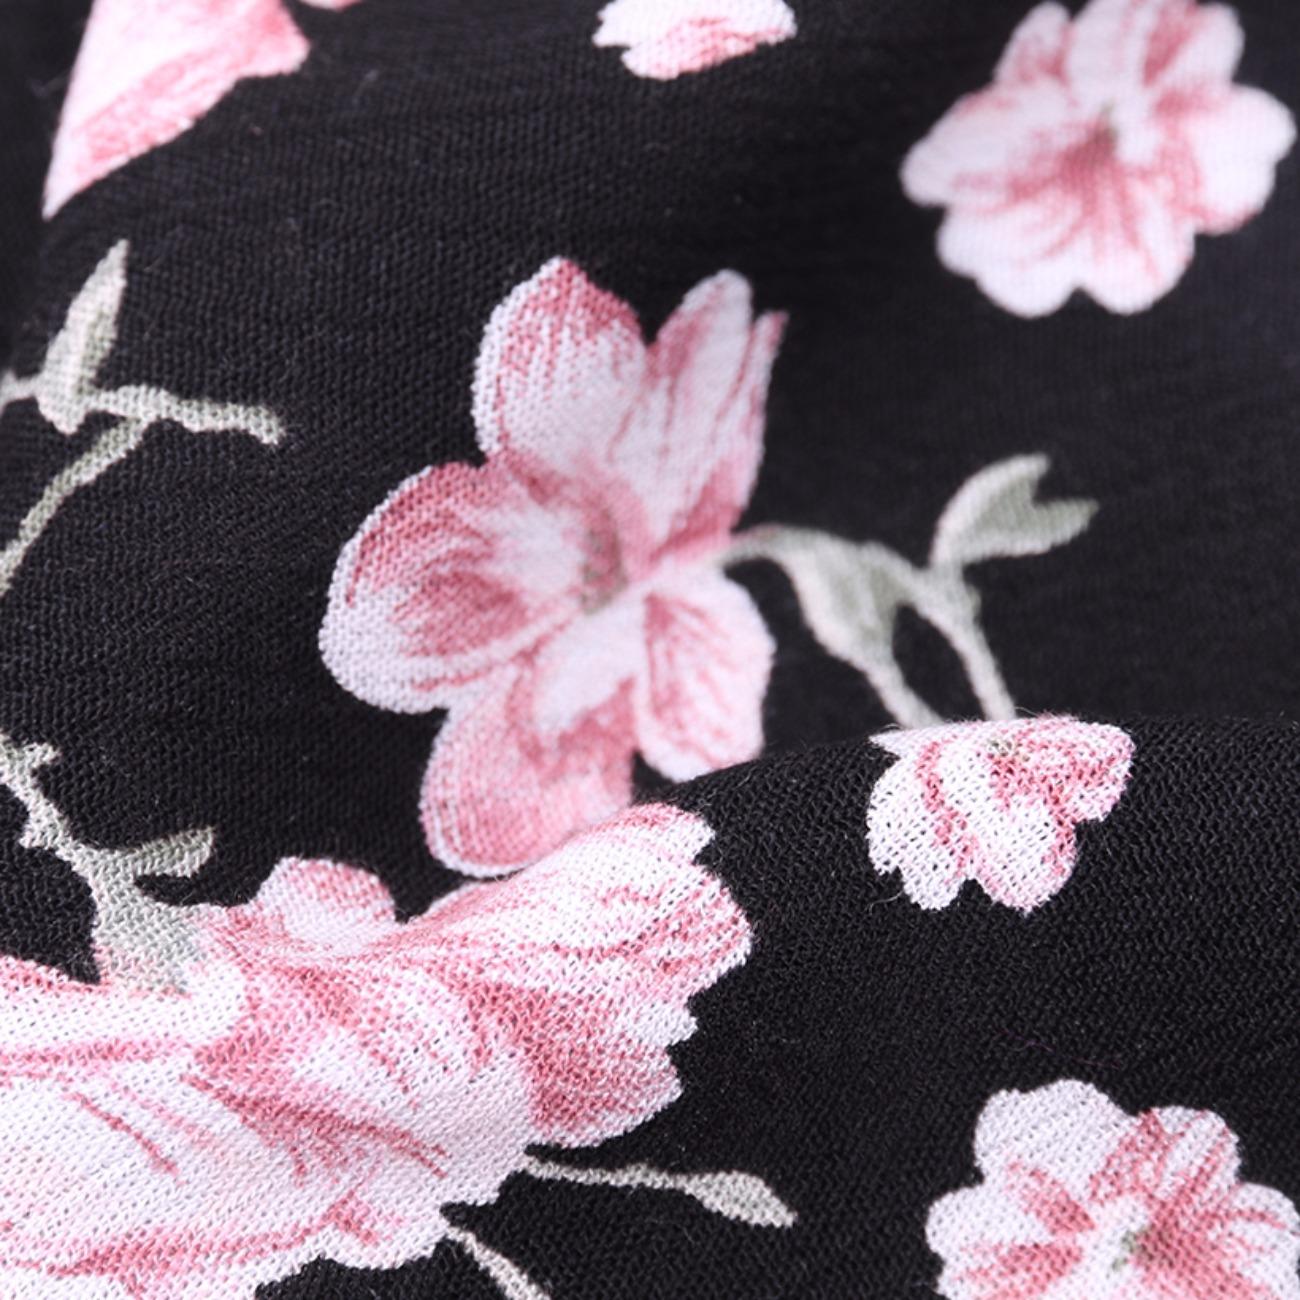 印花 花朵 梭织 人棉皱 现货 无弹 衬衫 连衣裙 短裙 棉感 薄 70522-7